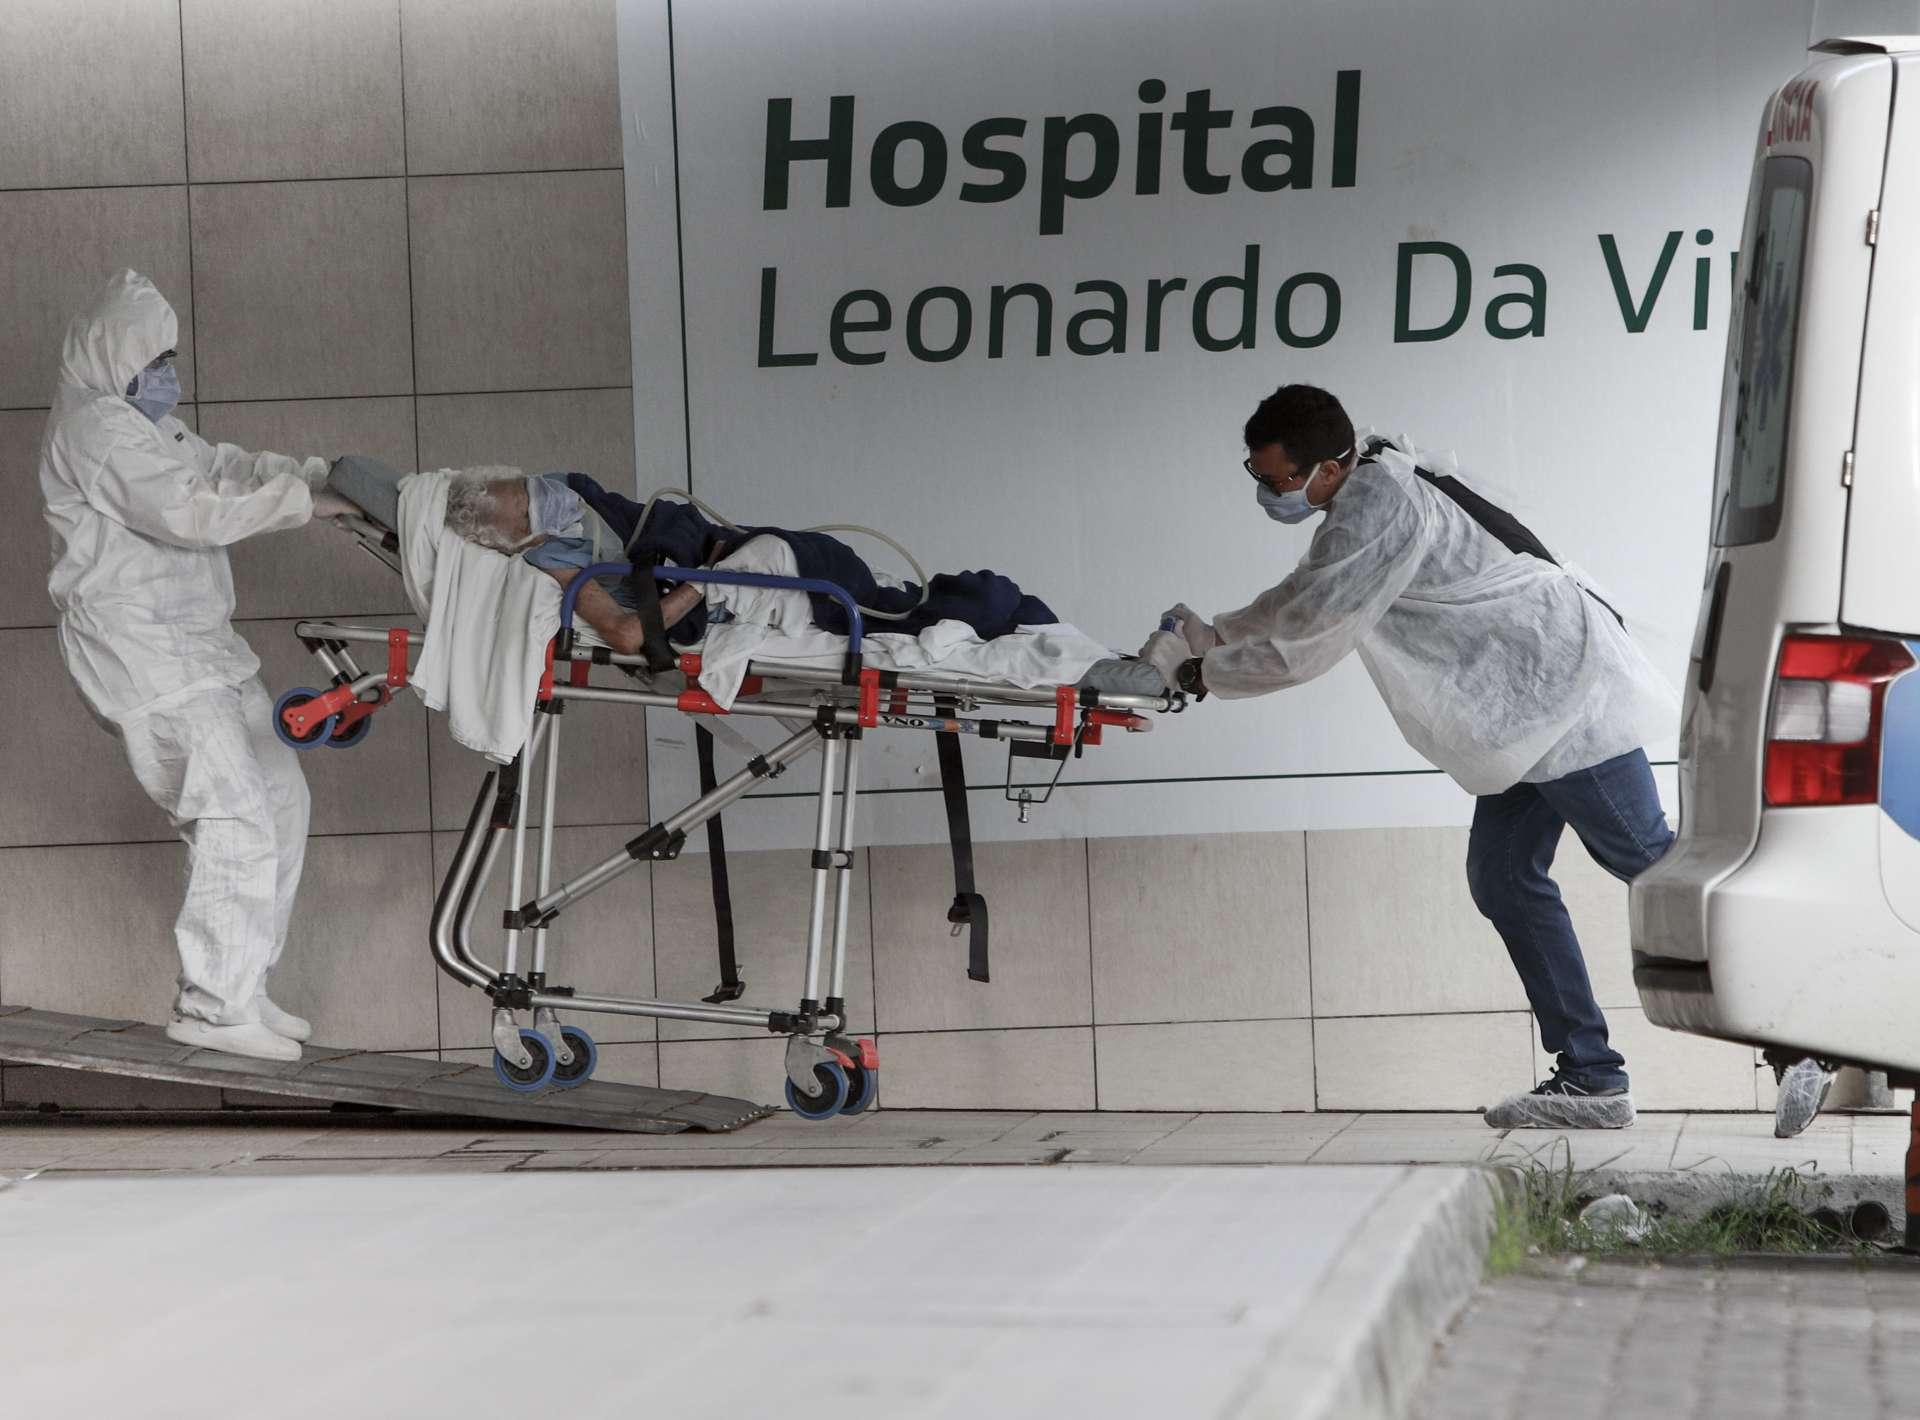 Aumento de casos de Covid-19 no Ceará faz hospitais públicos e privados aumentarem leitos de UTI